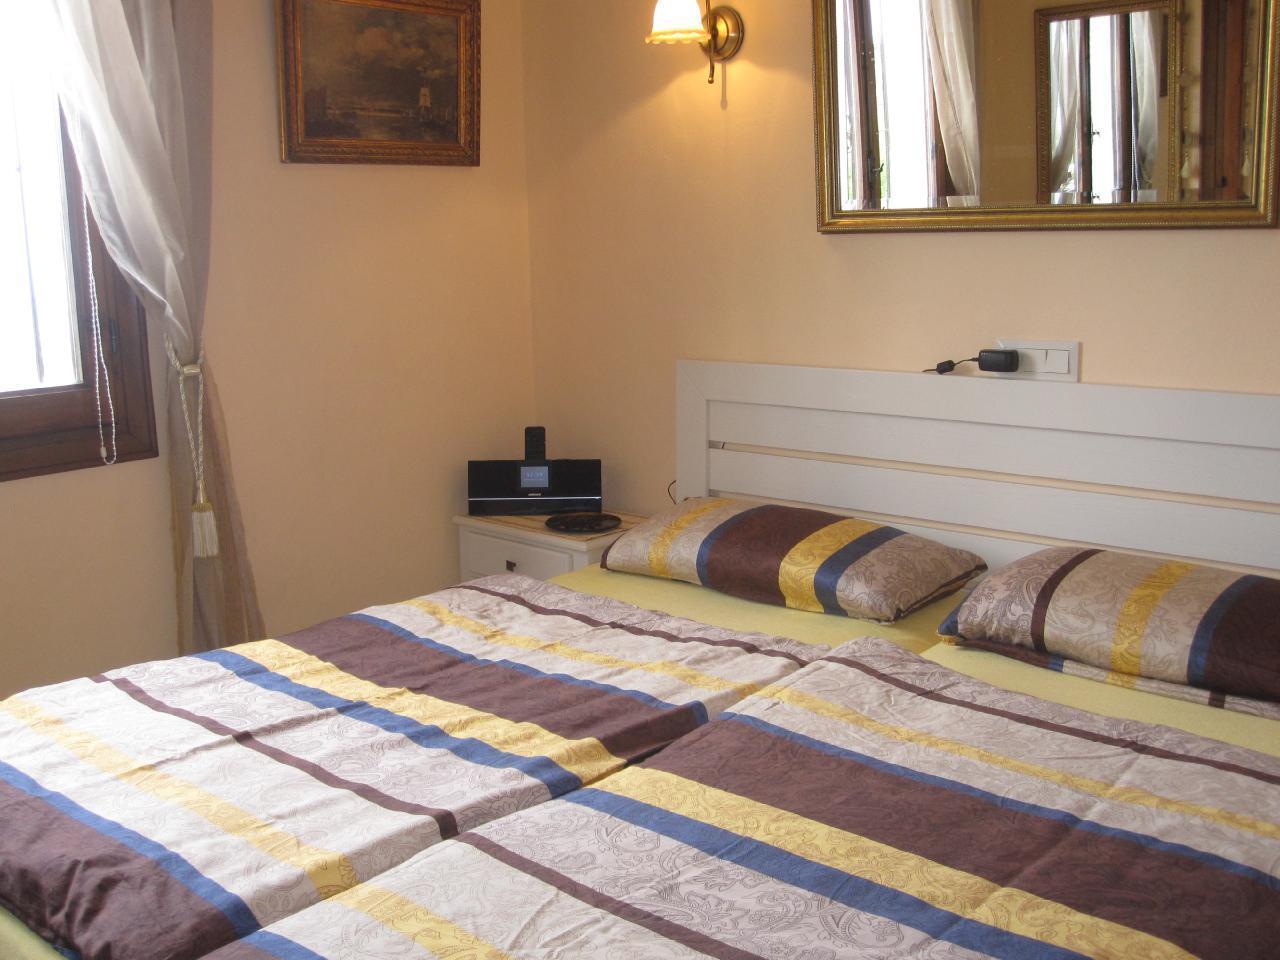 Ferienhaus Komfortabler Meerblick-Bungalow mit Aircondition und Internet in Moraira-Teulada (1696168), Moraira, Costa Blanca, Valencia, Spanien, Bild 23